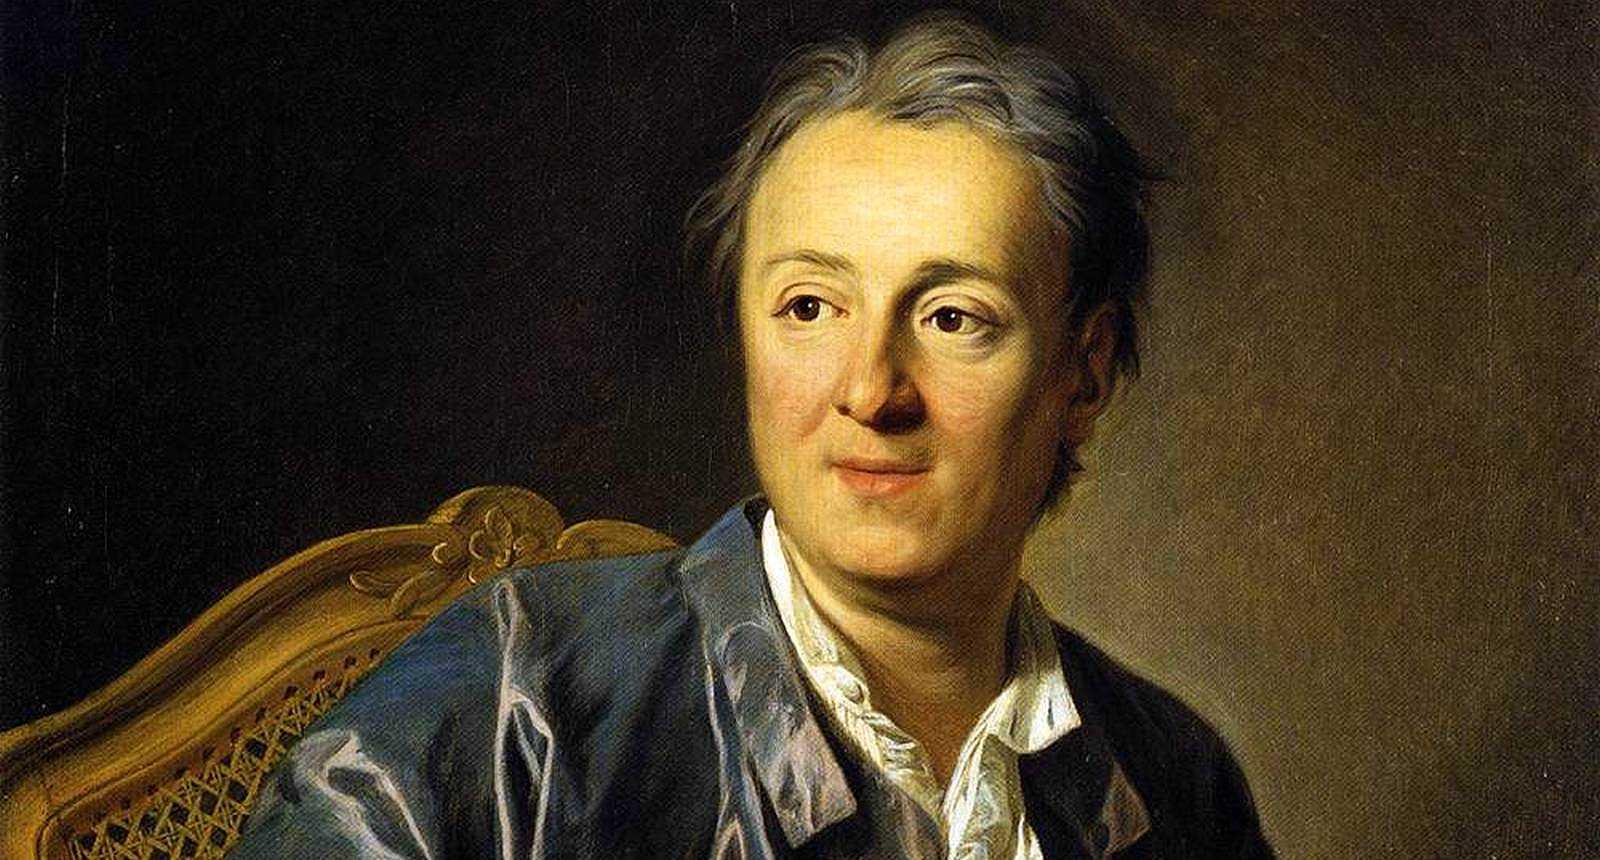 Portrait de Denis Diderot, au Musée d'Art et d'Histoire de Langres